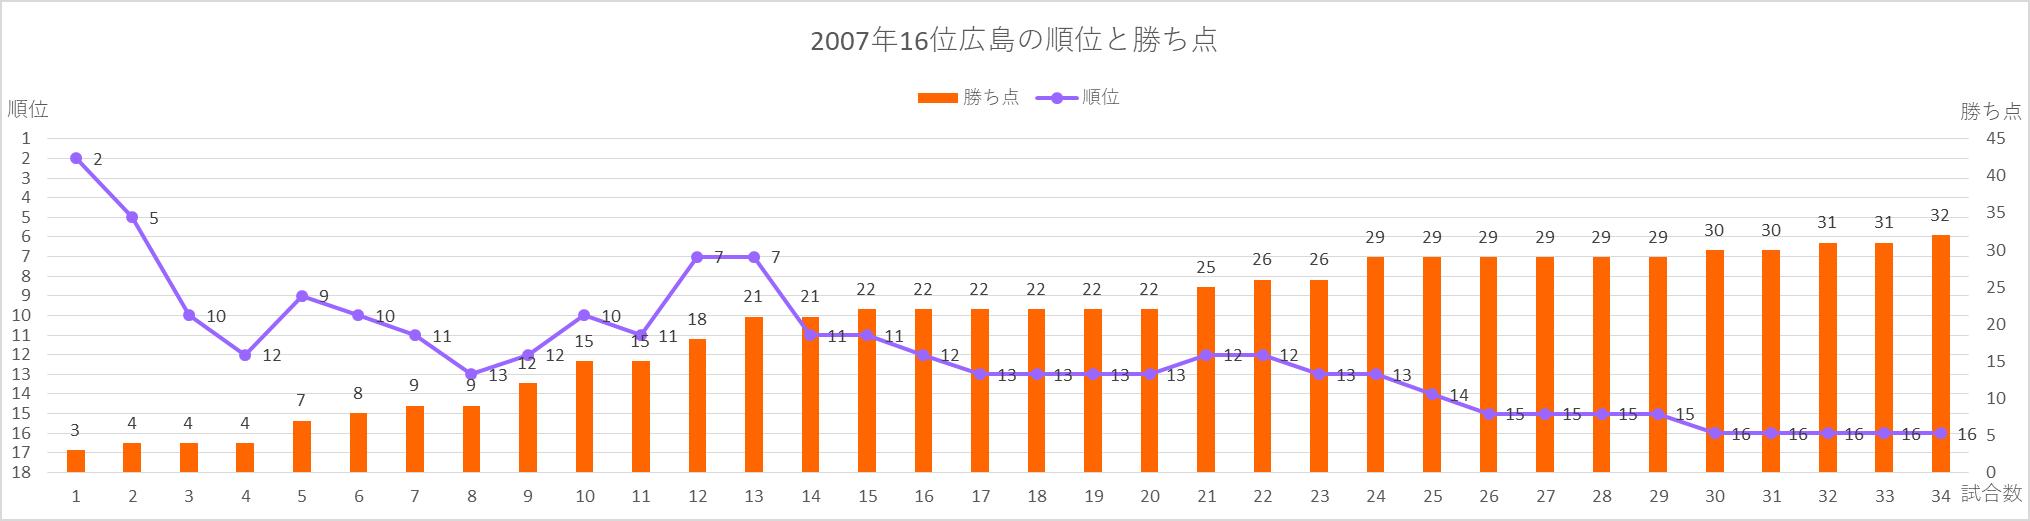 2007年広島の順位と勝ち点のグラフ